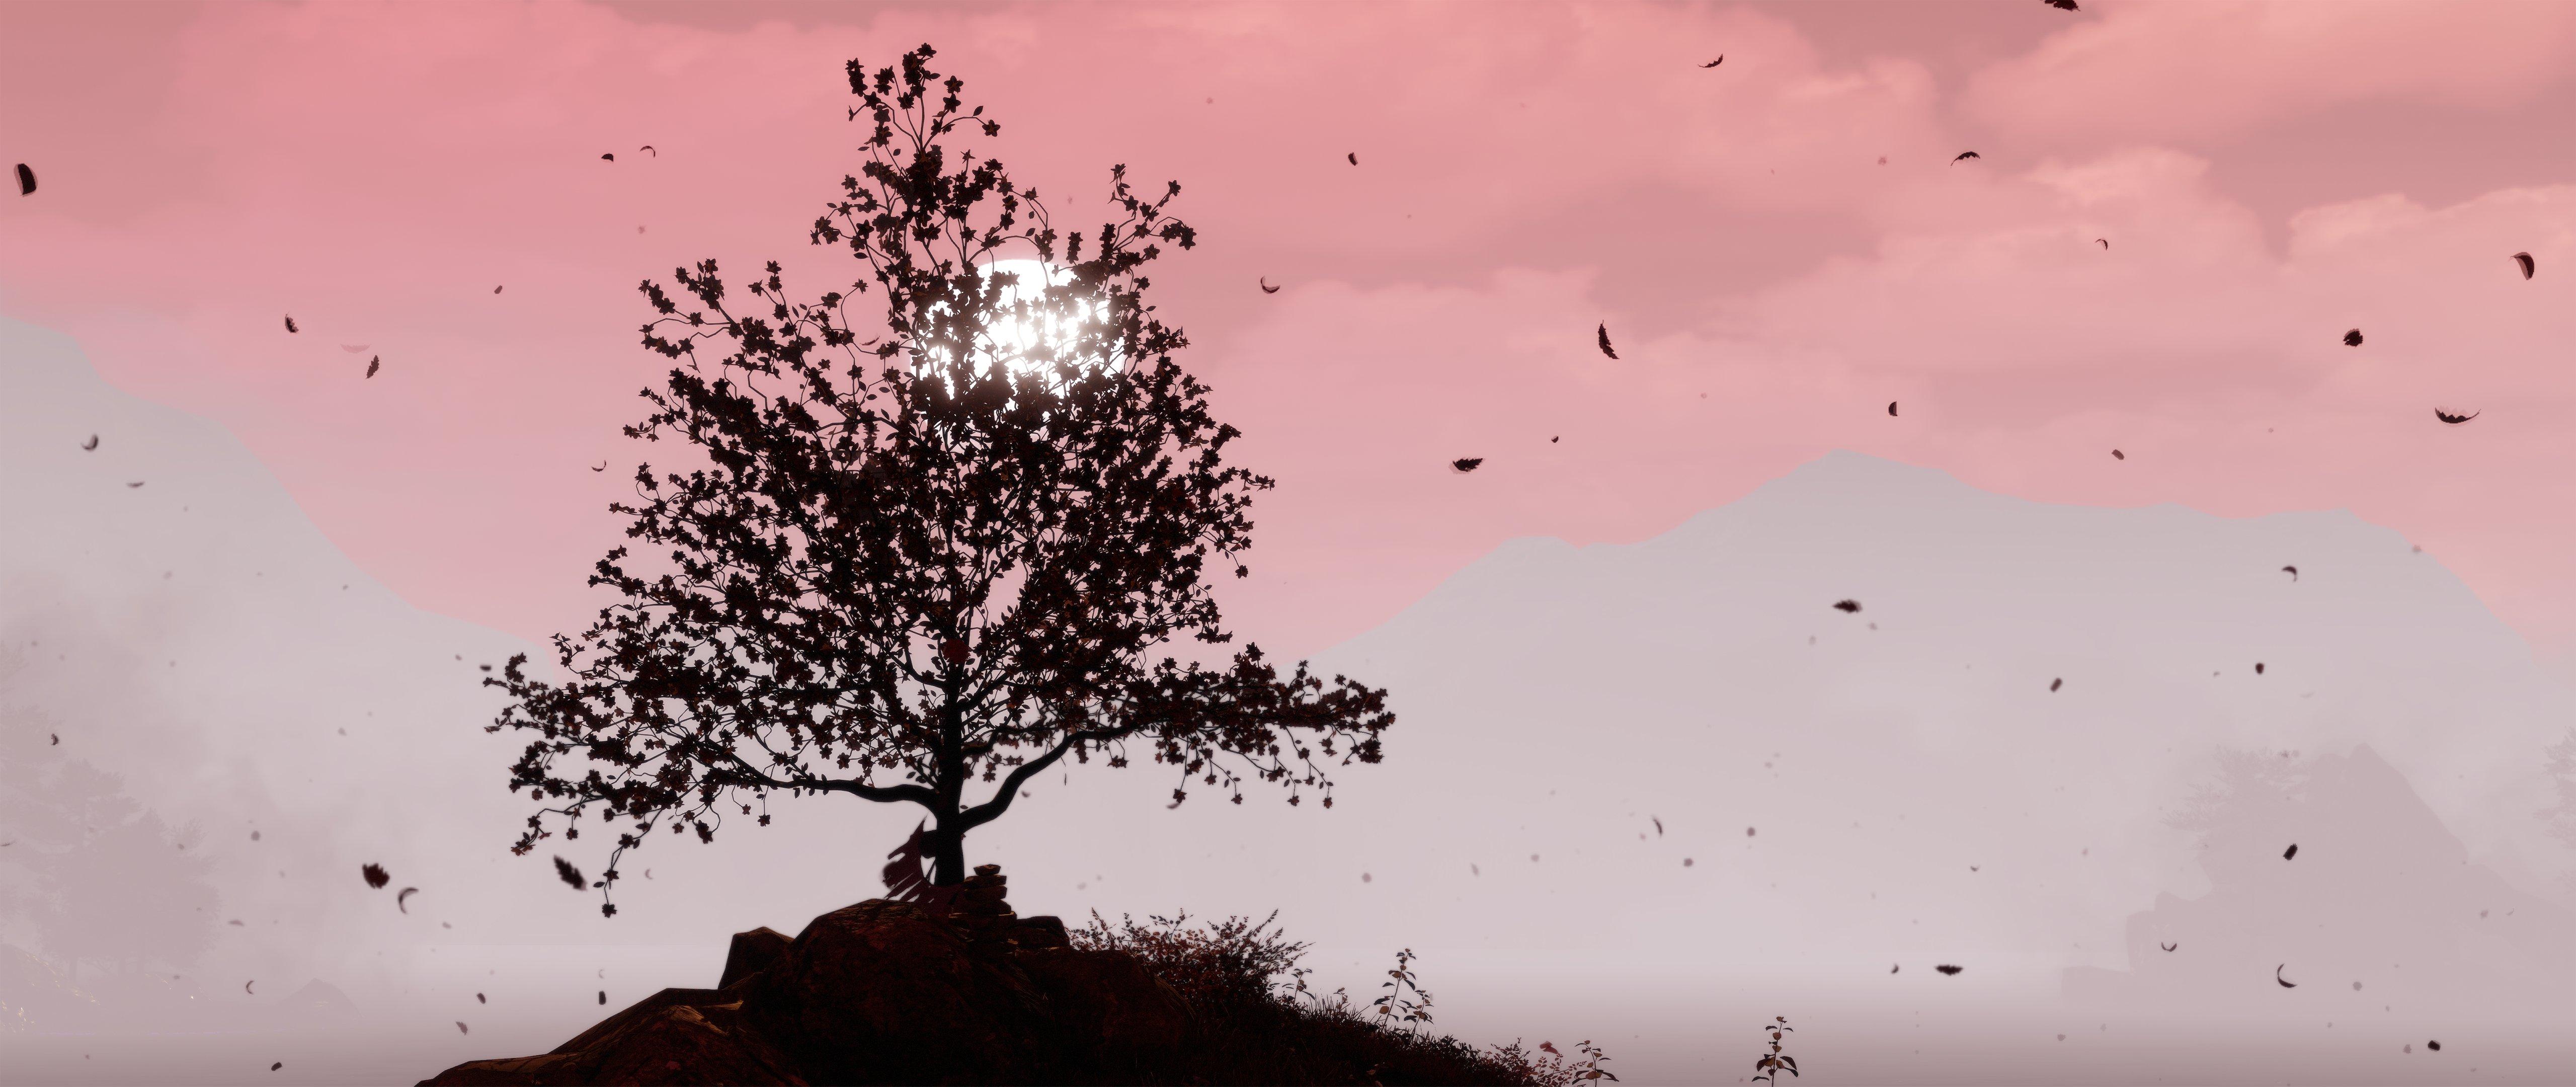 5К скриншоты из Far Cry 4 - Изображение 2